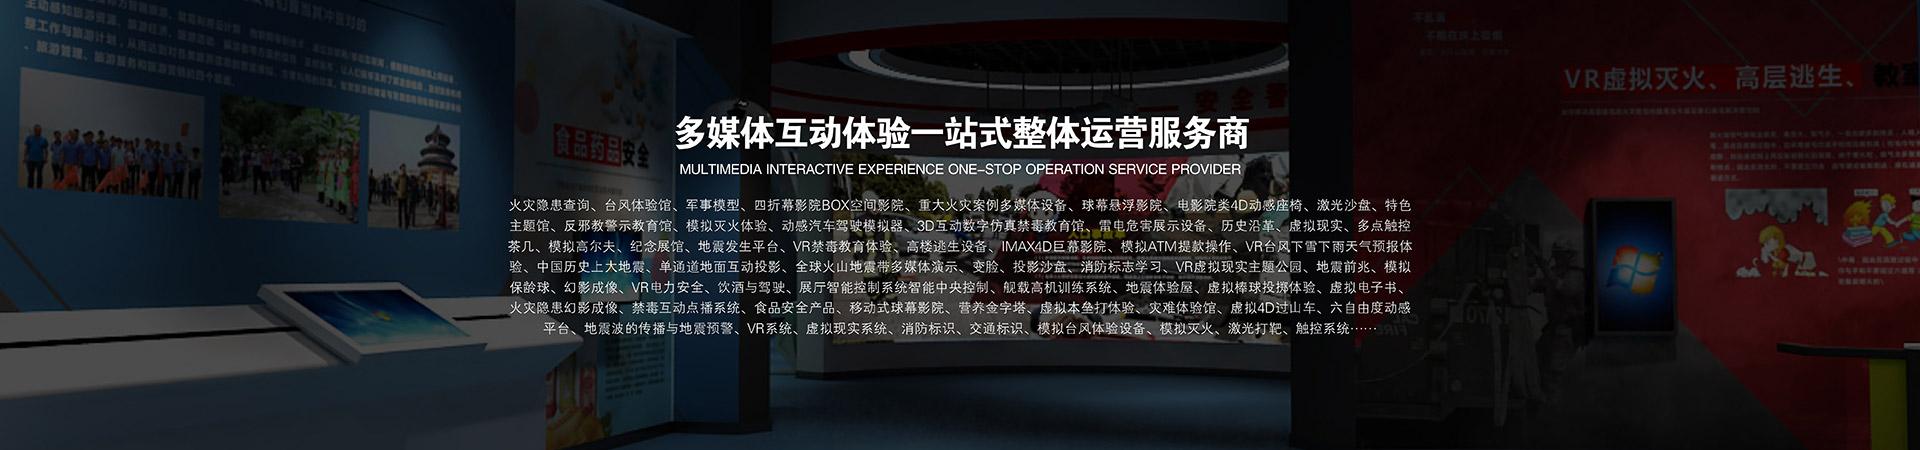 安全体验4D飞行影院安全体验主题公园类4D动感座椅安全体验地震体验台安全体验深海世界安全体验禁毒AR模拟血液循环系统